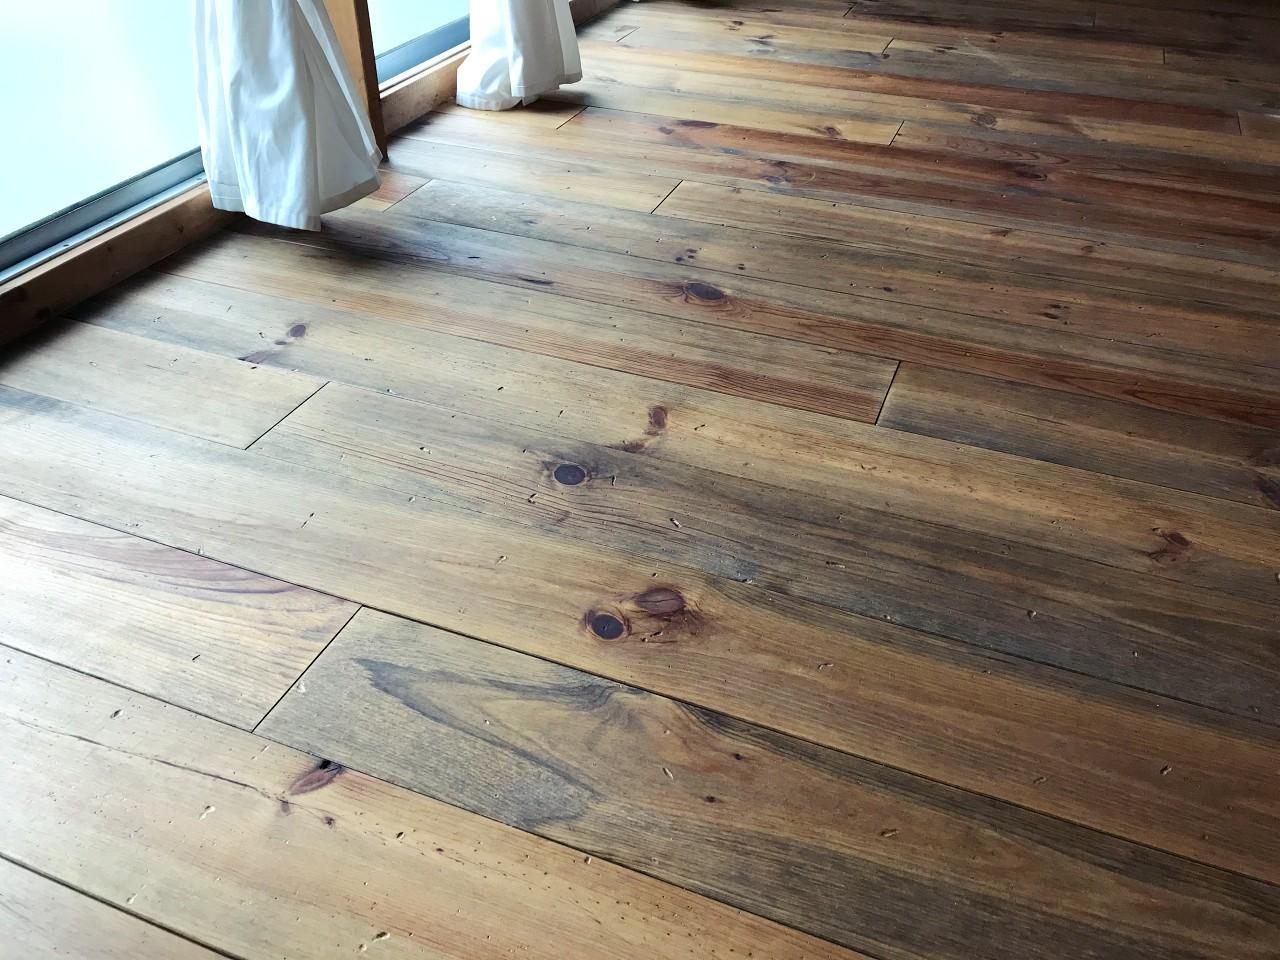 古材のように仕上げられた床